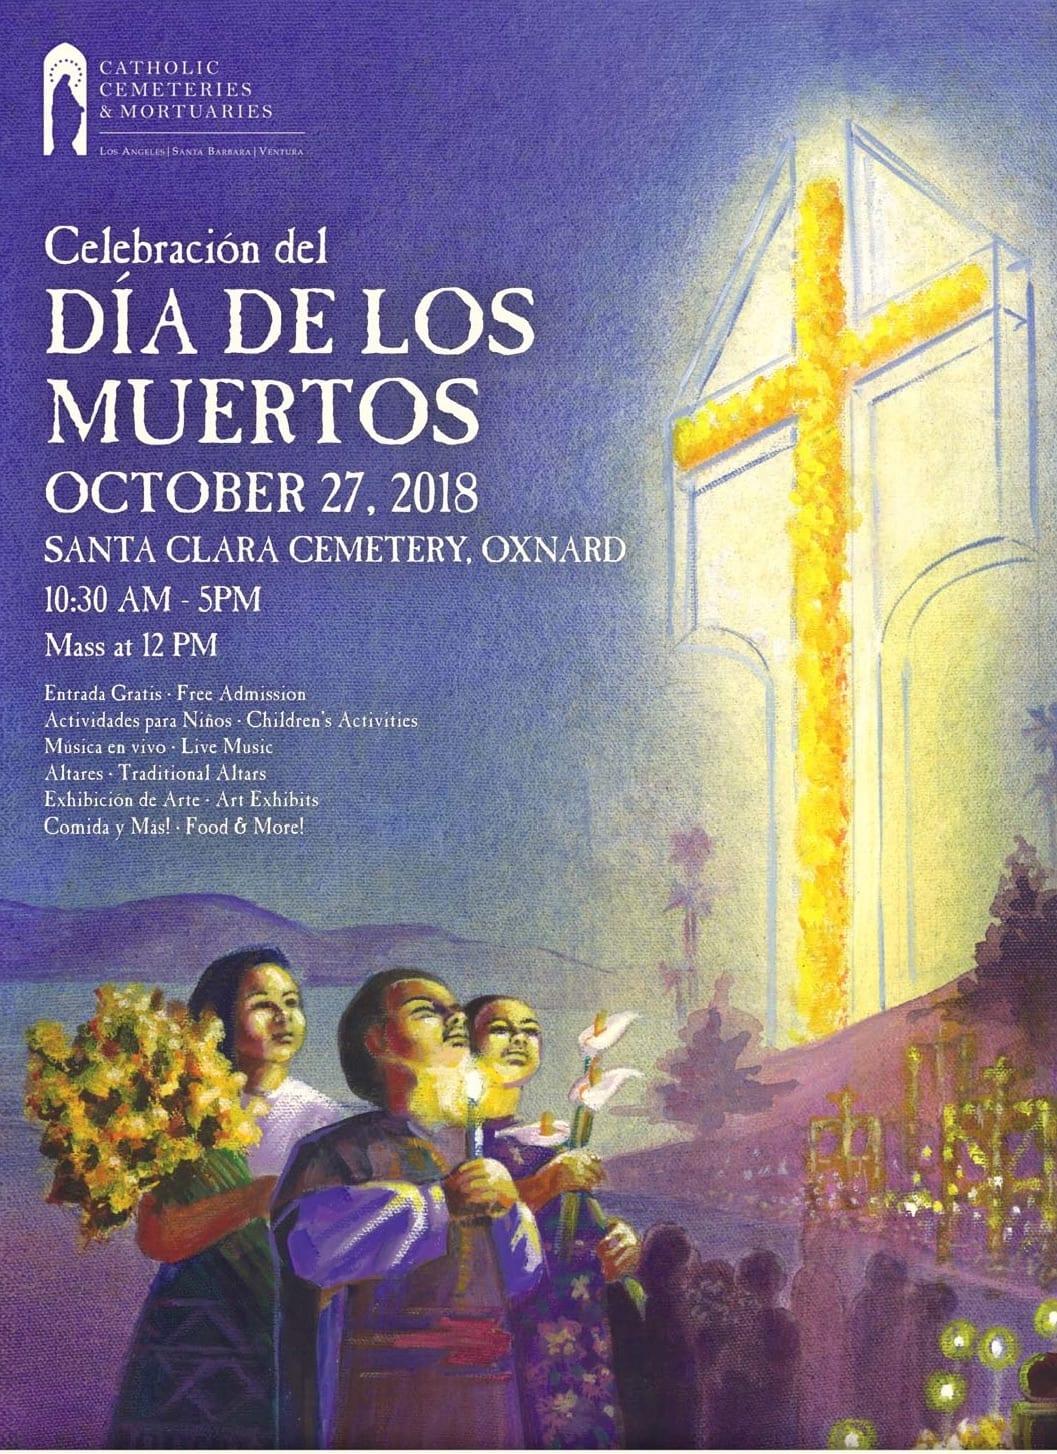 Día de los Muertos Celebration At Oxnard's Santa Clara Cemetery